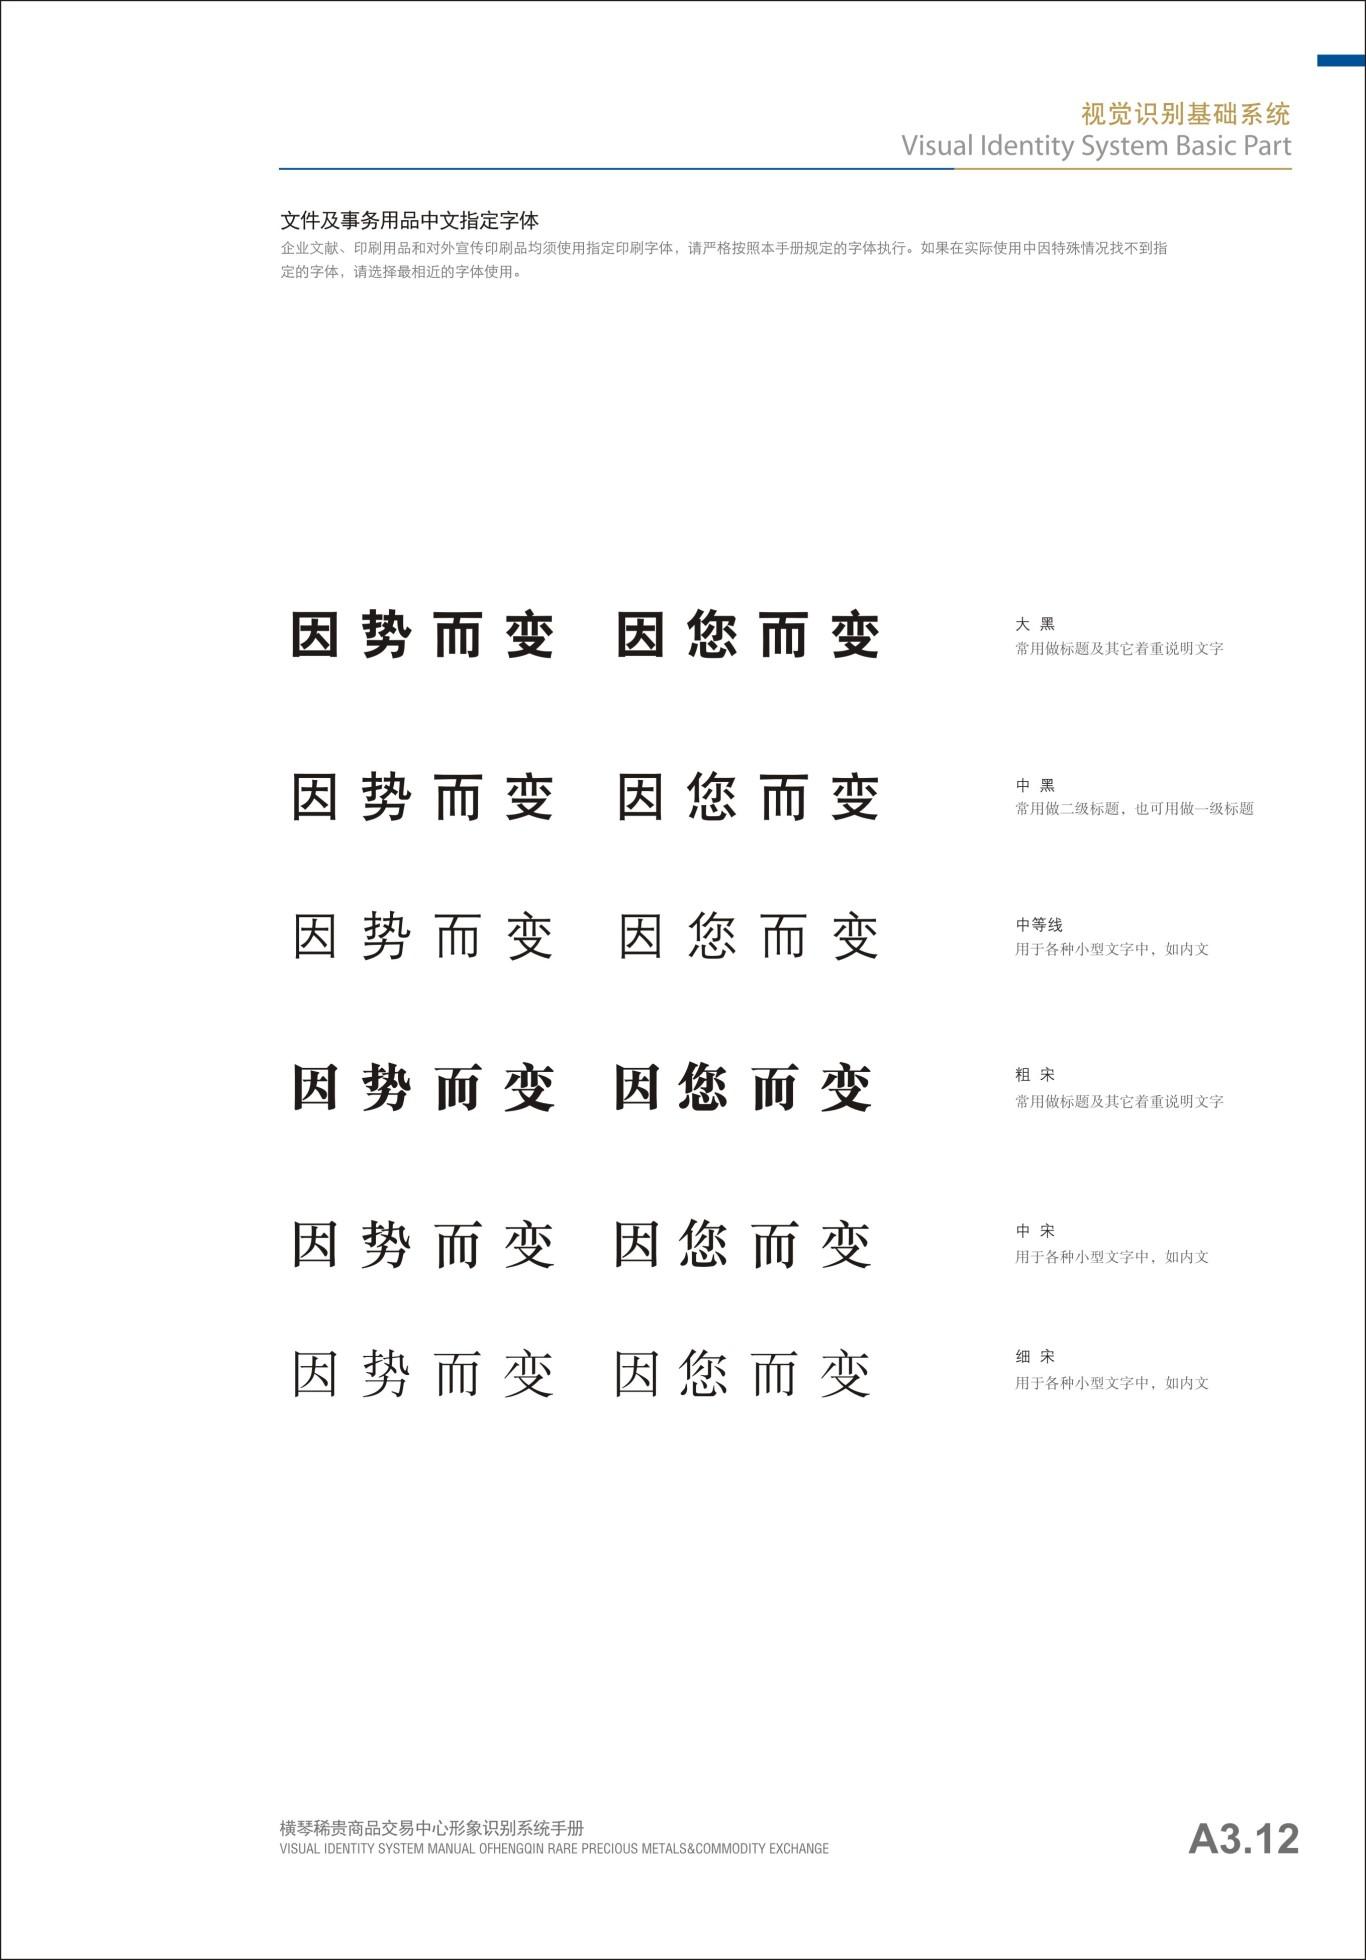 贵金属行业横琴稀贵VI手册设计图15